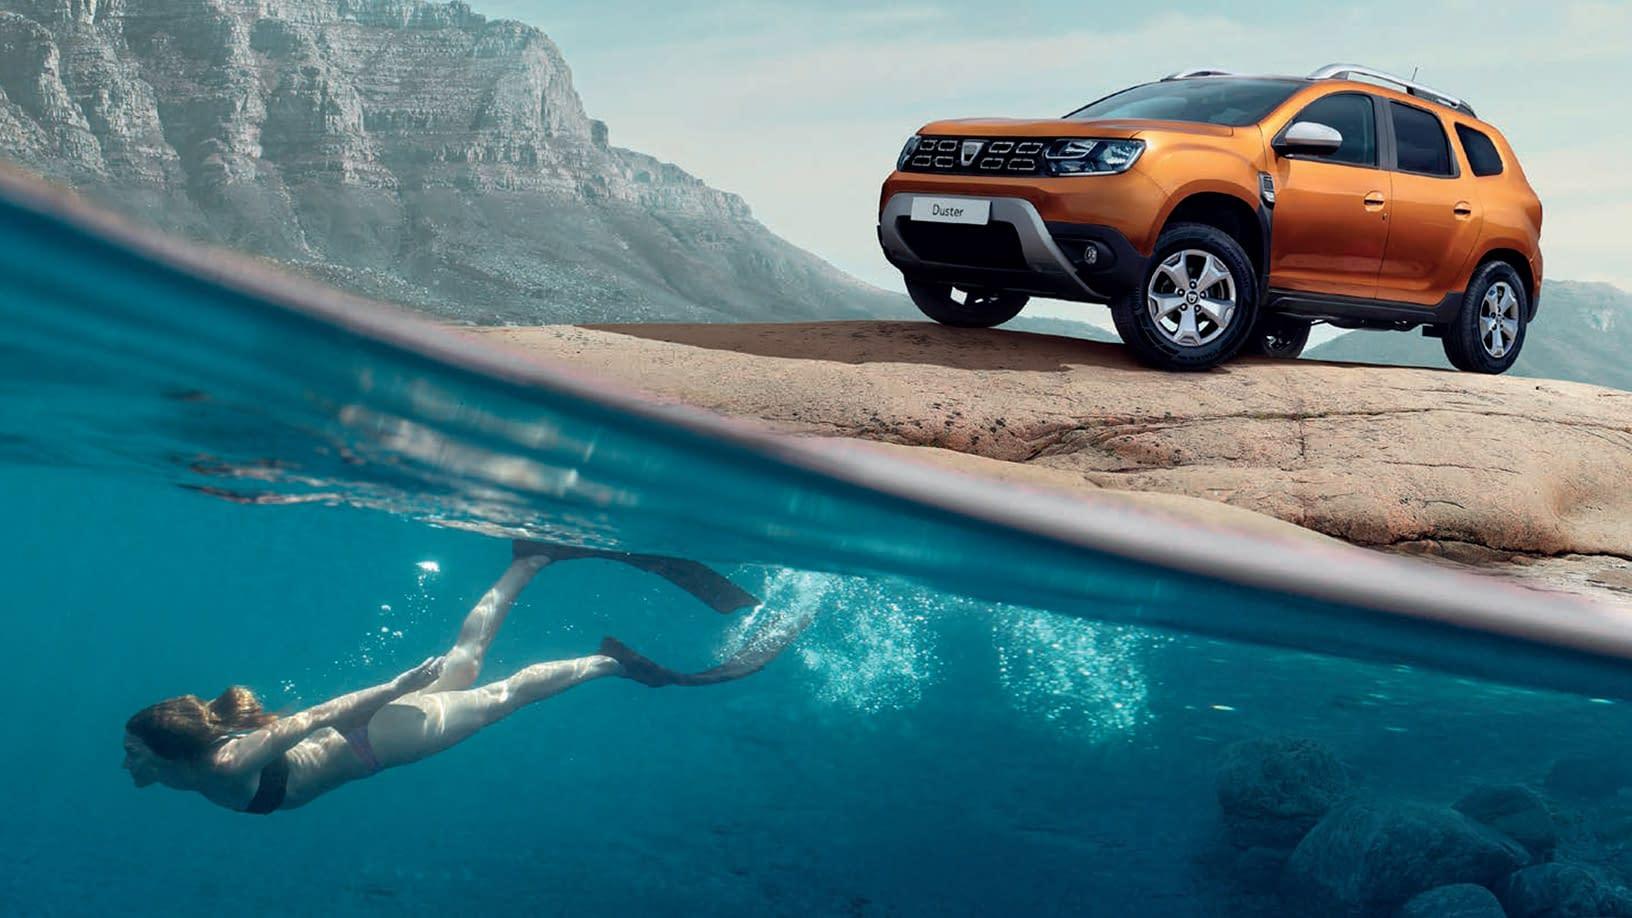 Dacia selges hos BilService og bilSpiten. Vi har både nye og brukte Dacia til salgs.